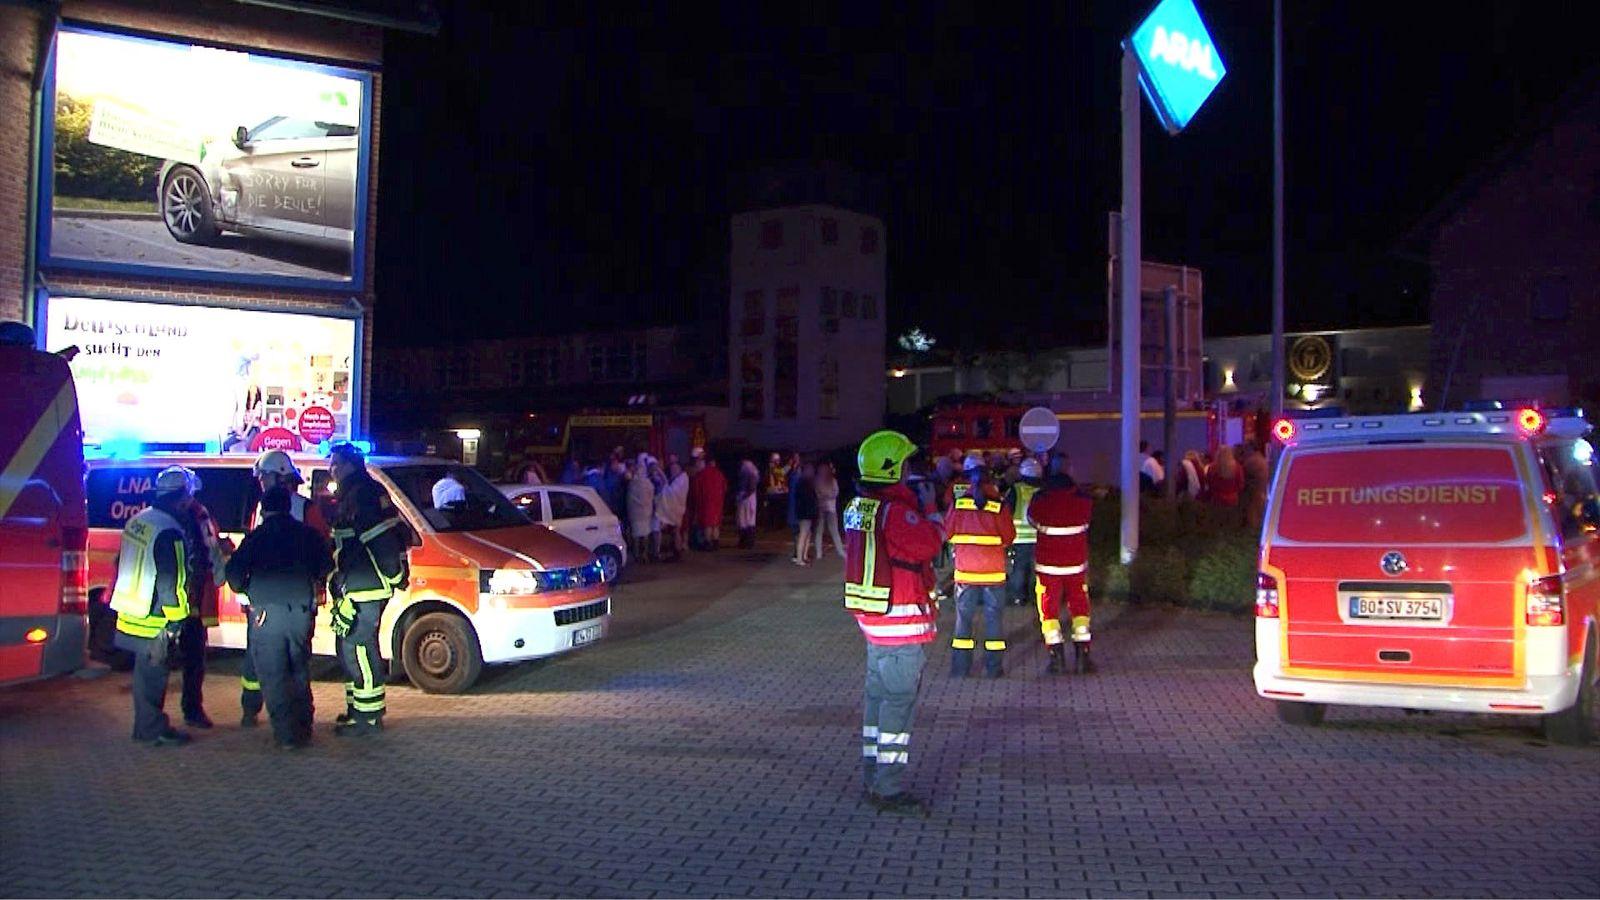 Hattingen/ Feuerwehr-Einsatz/ Swinger-Club